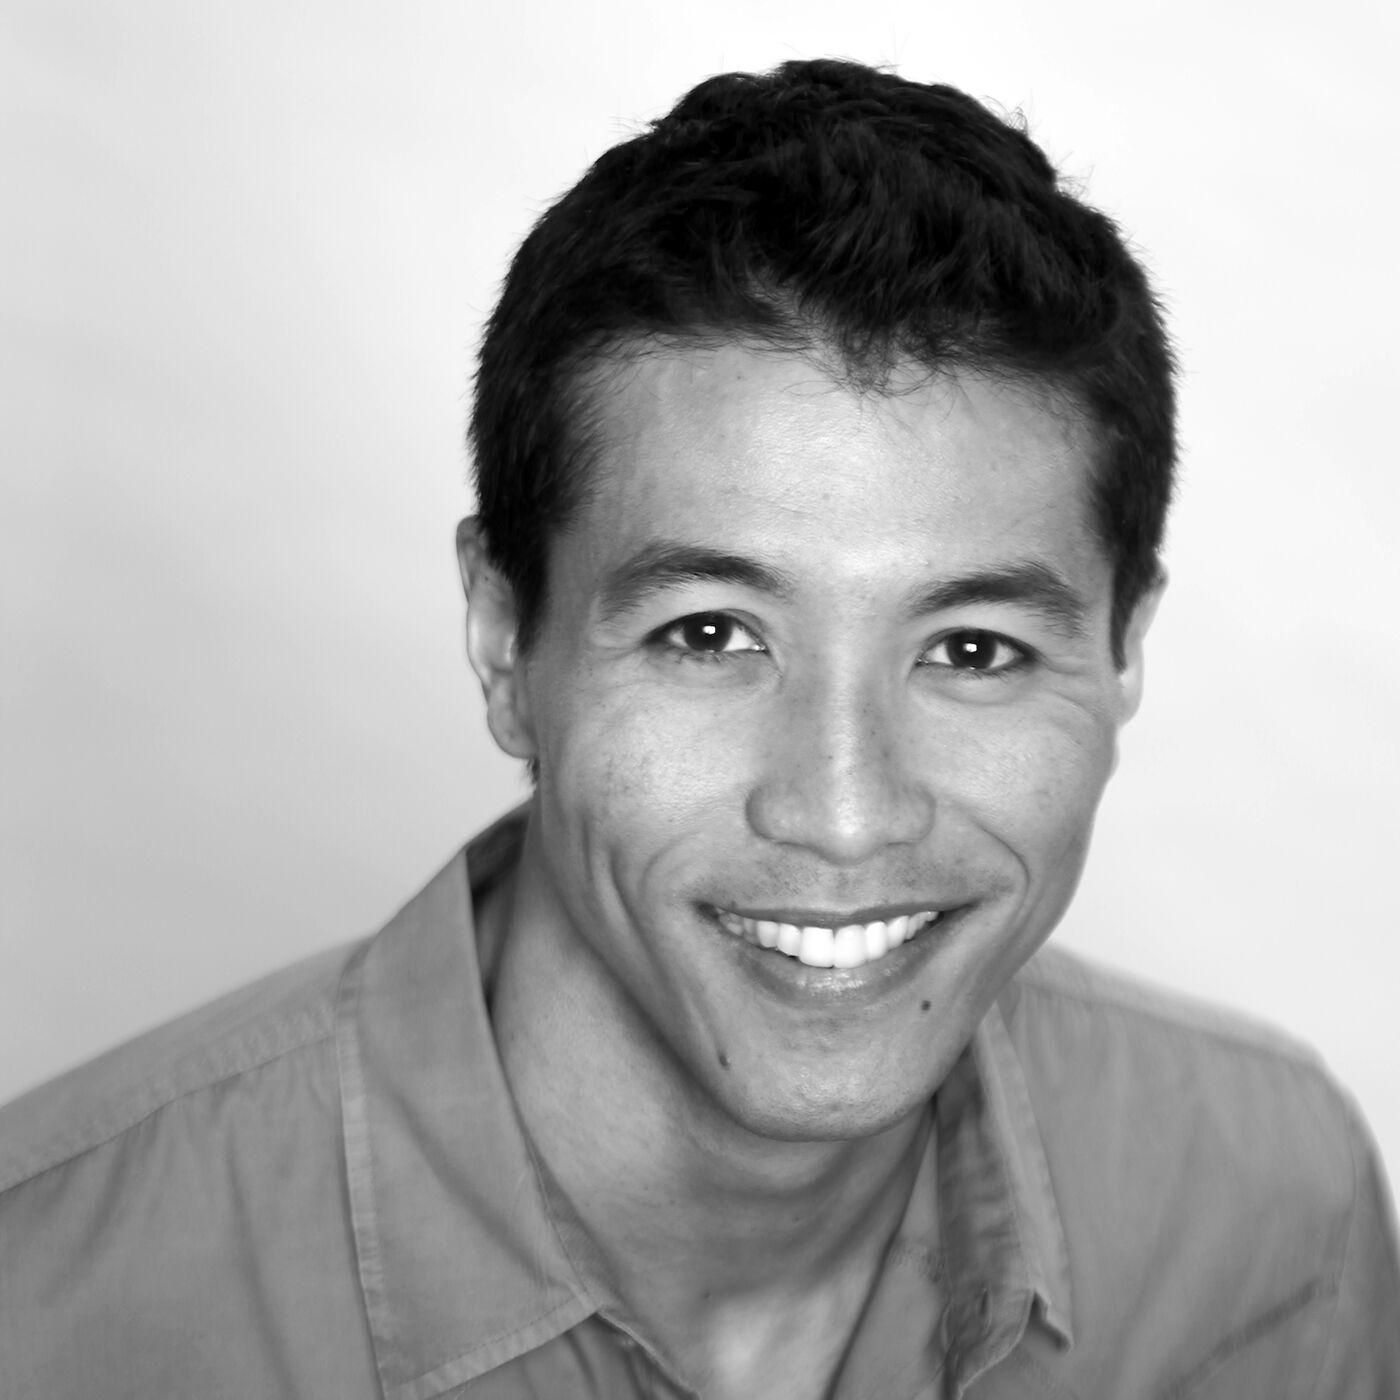 Brian Carey Chung